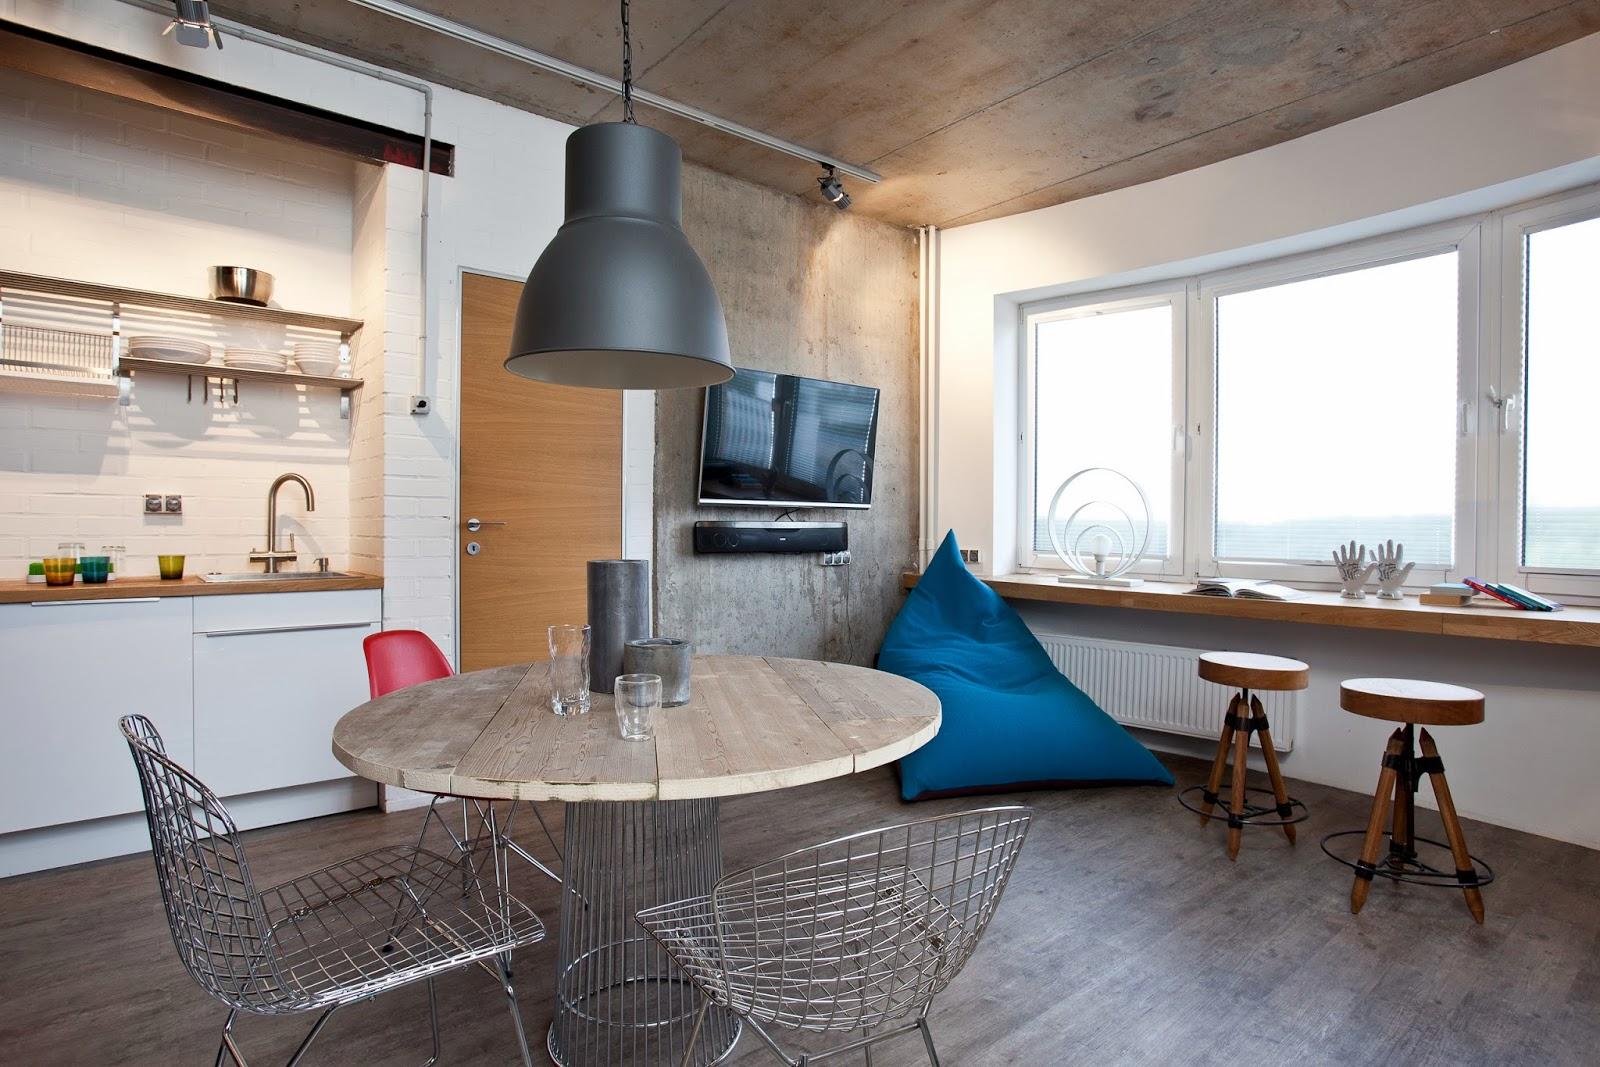 Однокомнатная квартира в стиле лофт ремонт